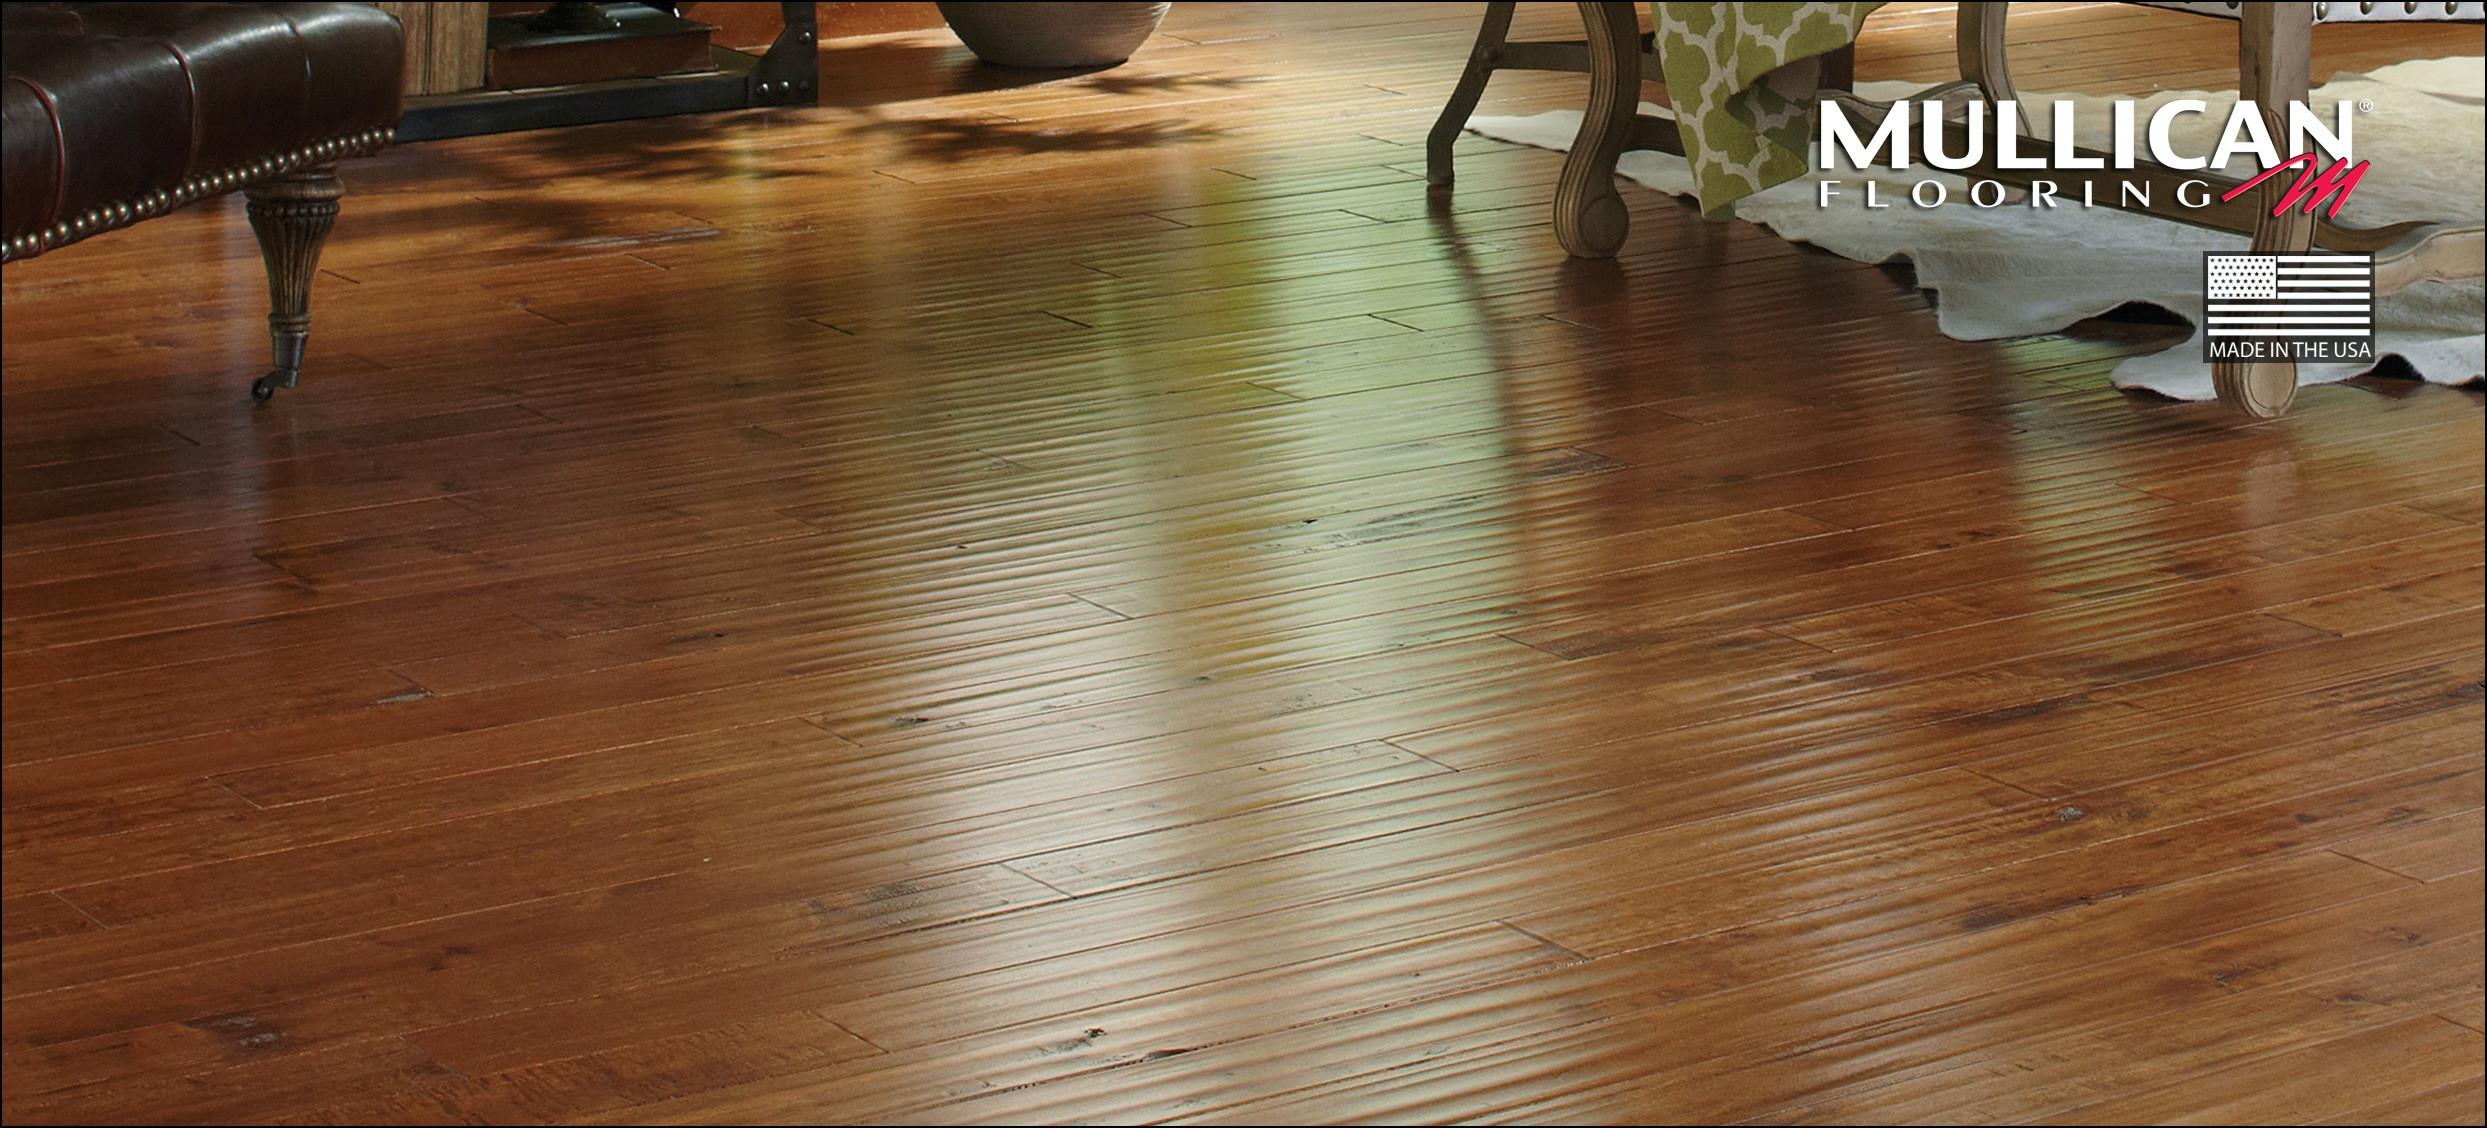 unfinished oak hardwood flooring cost of 2 white oak flooring unfinished collection mullican flooring home intended for 2 white oak flooring unfinished collection mullican flooring home